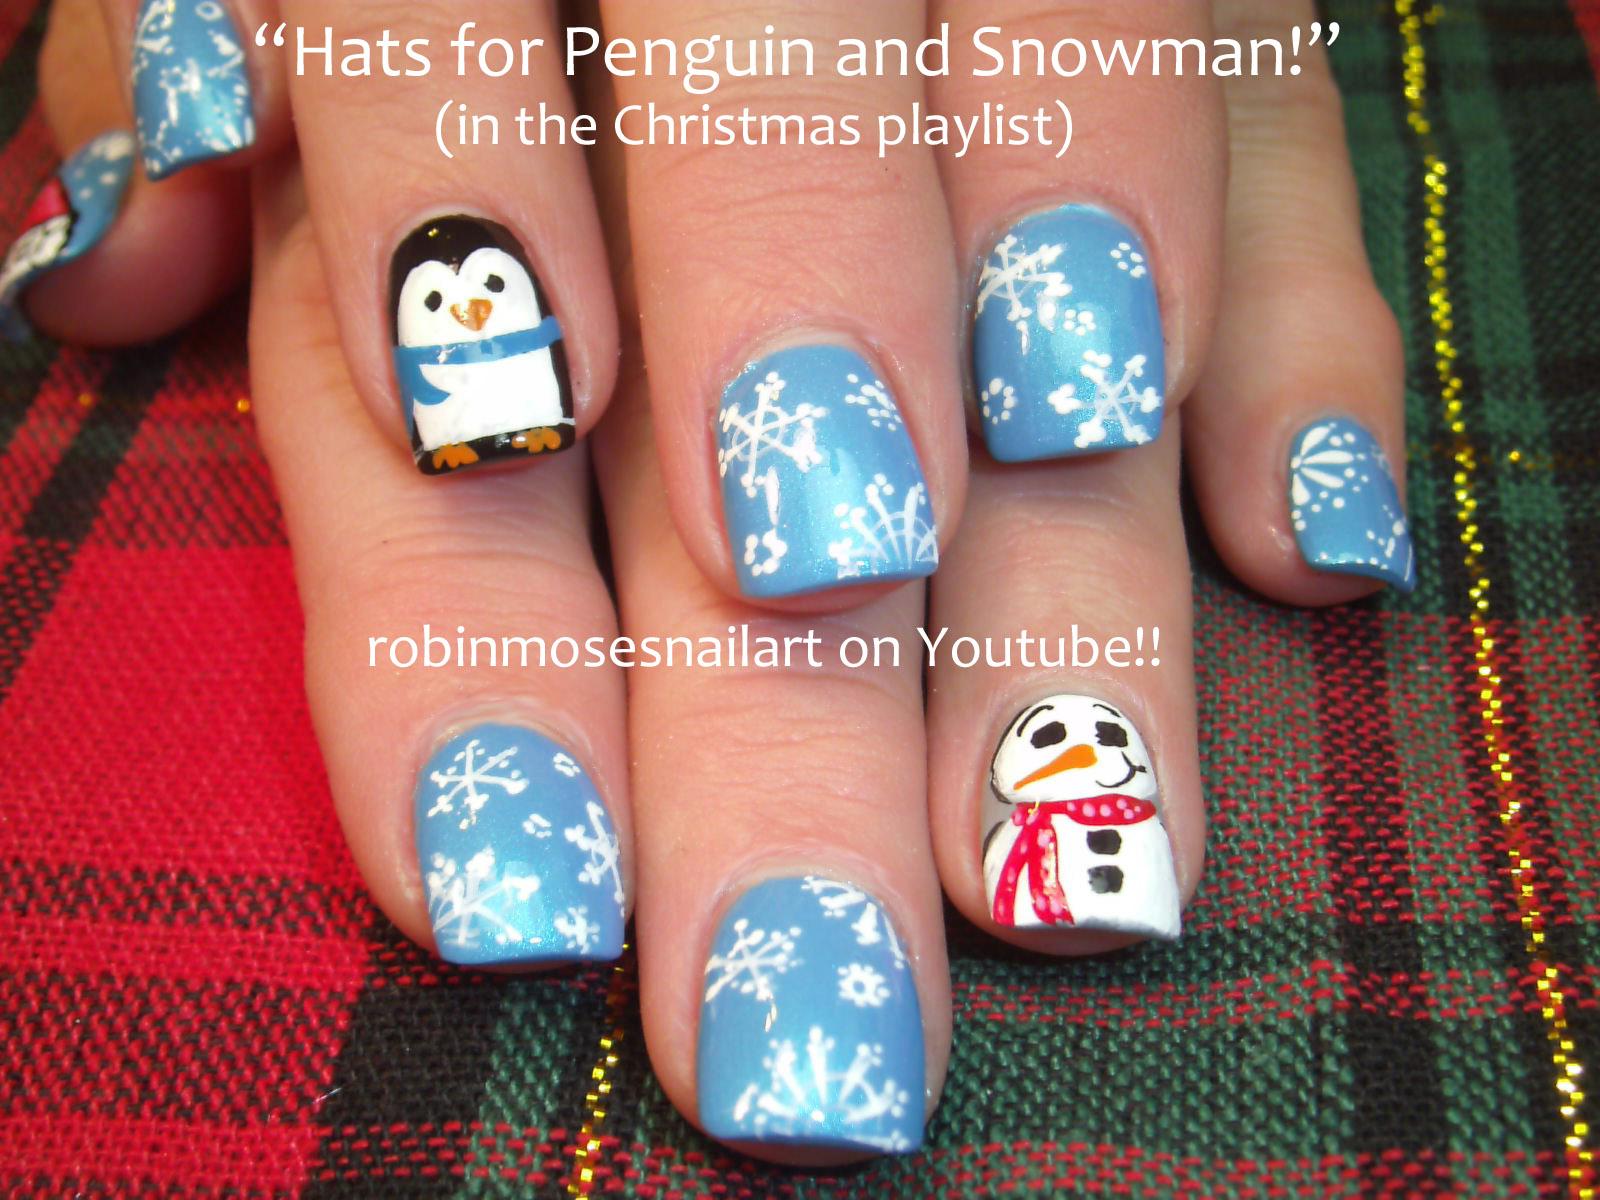 Robin moses nail art nail art christmas nail art sexy santa christmas nail art peppermint candy prinsesfo Image collections